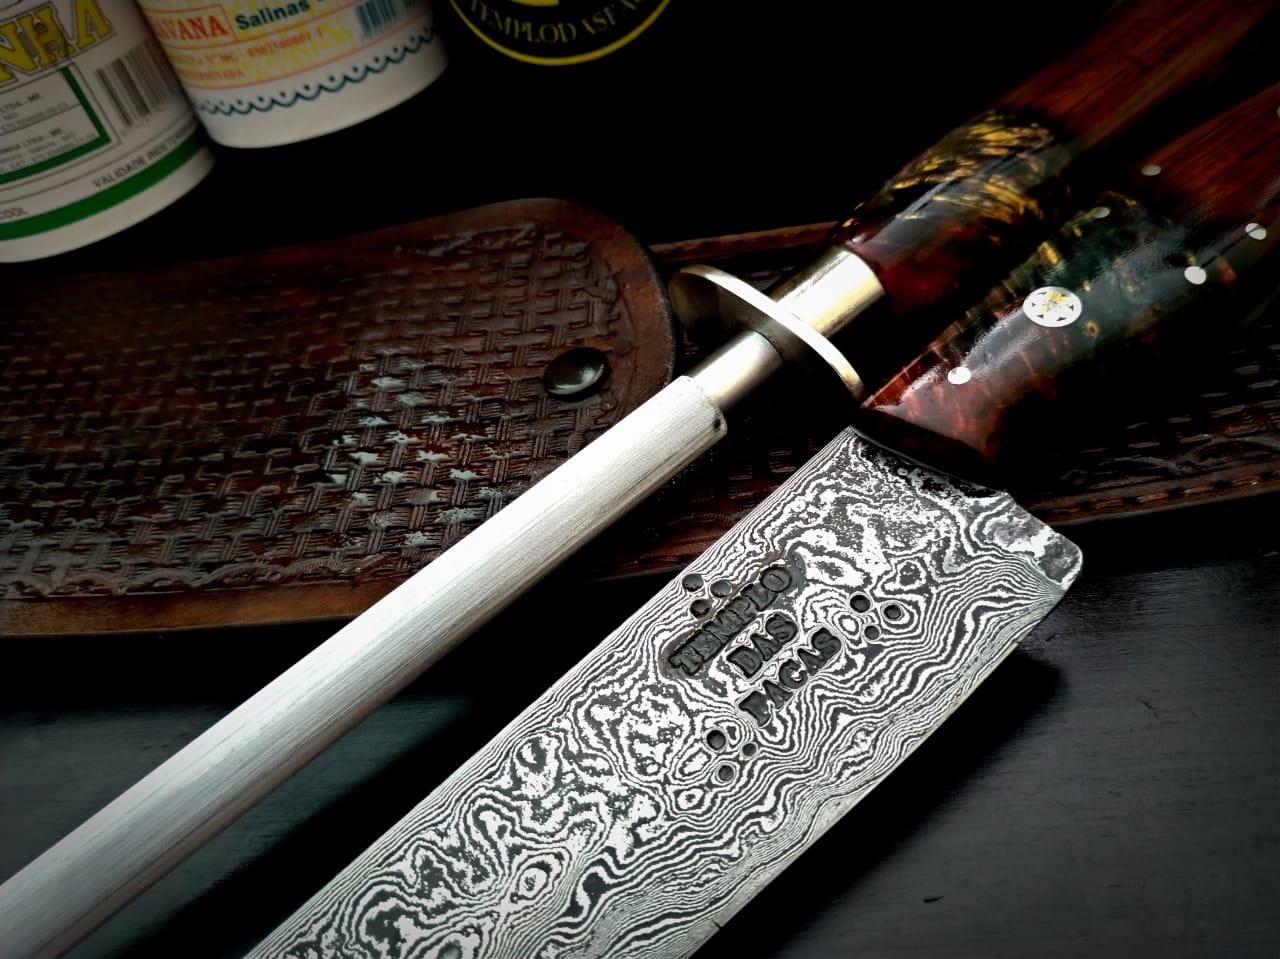 Kit artesanal faca forjada em aço de damasco e chaira